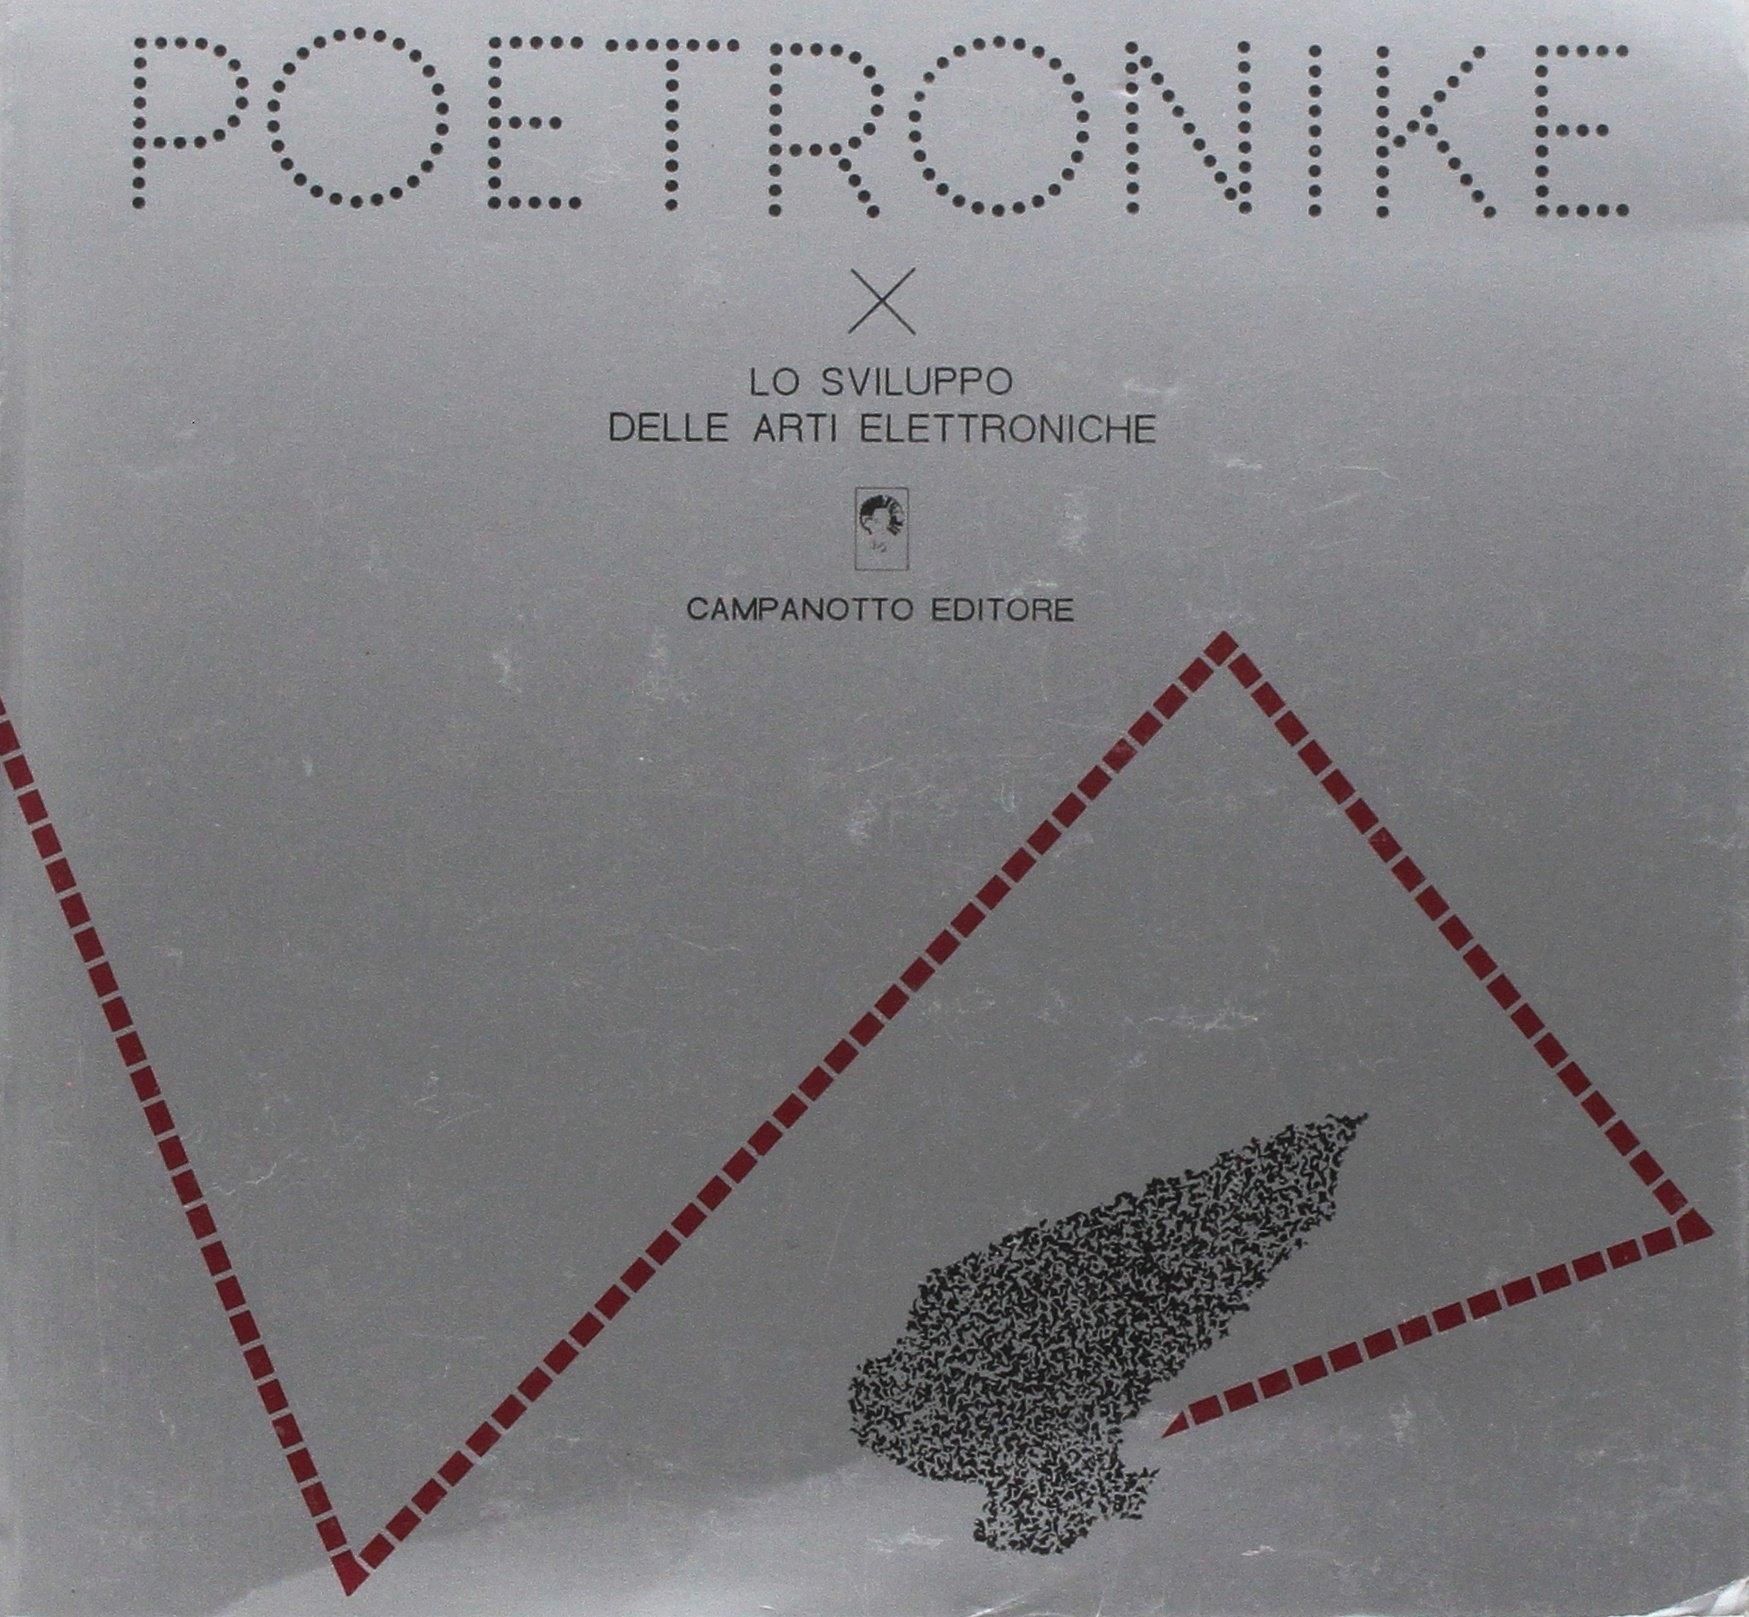 Poetronike 0.1. Lo Sviluppo delle Arti Elettroniche.